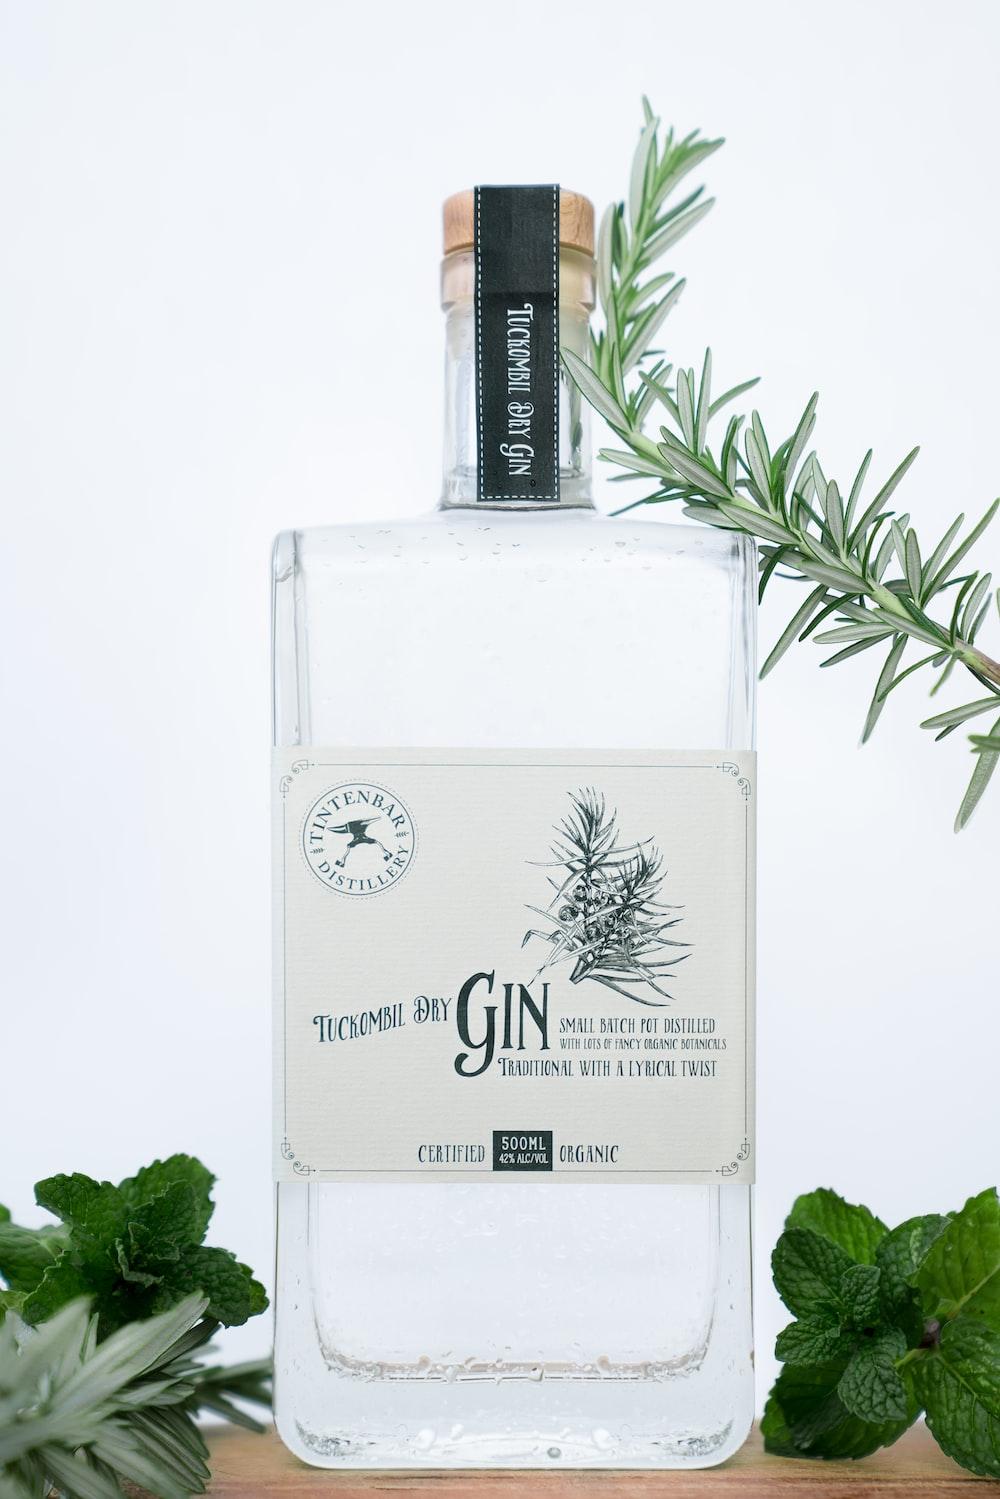 Gin liquor